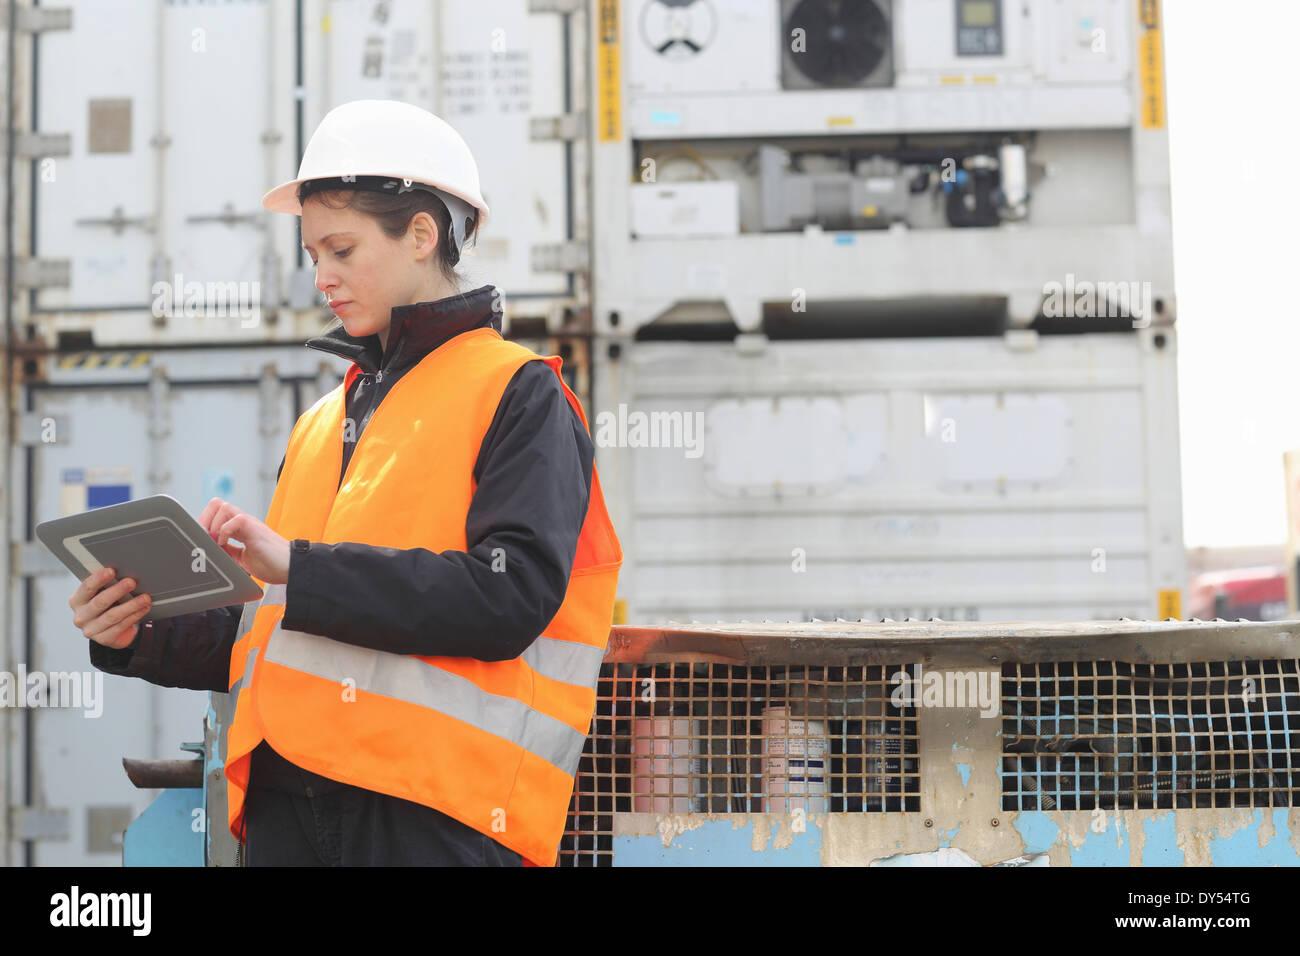 Female dockworker using monitor - Stock Image